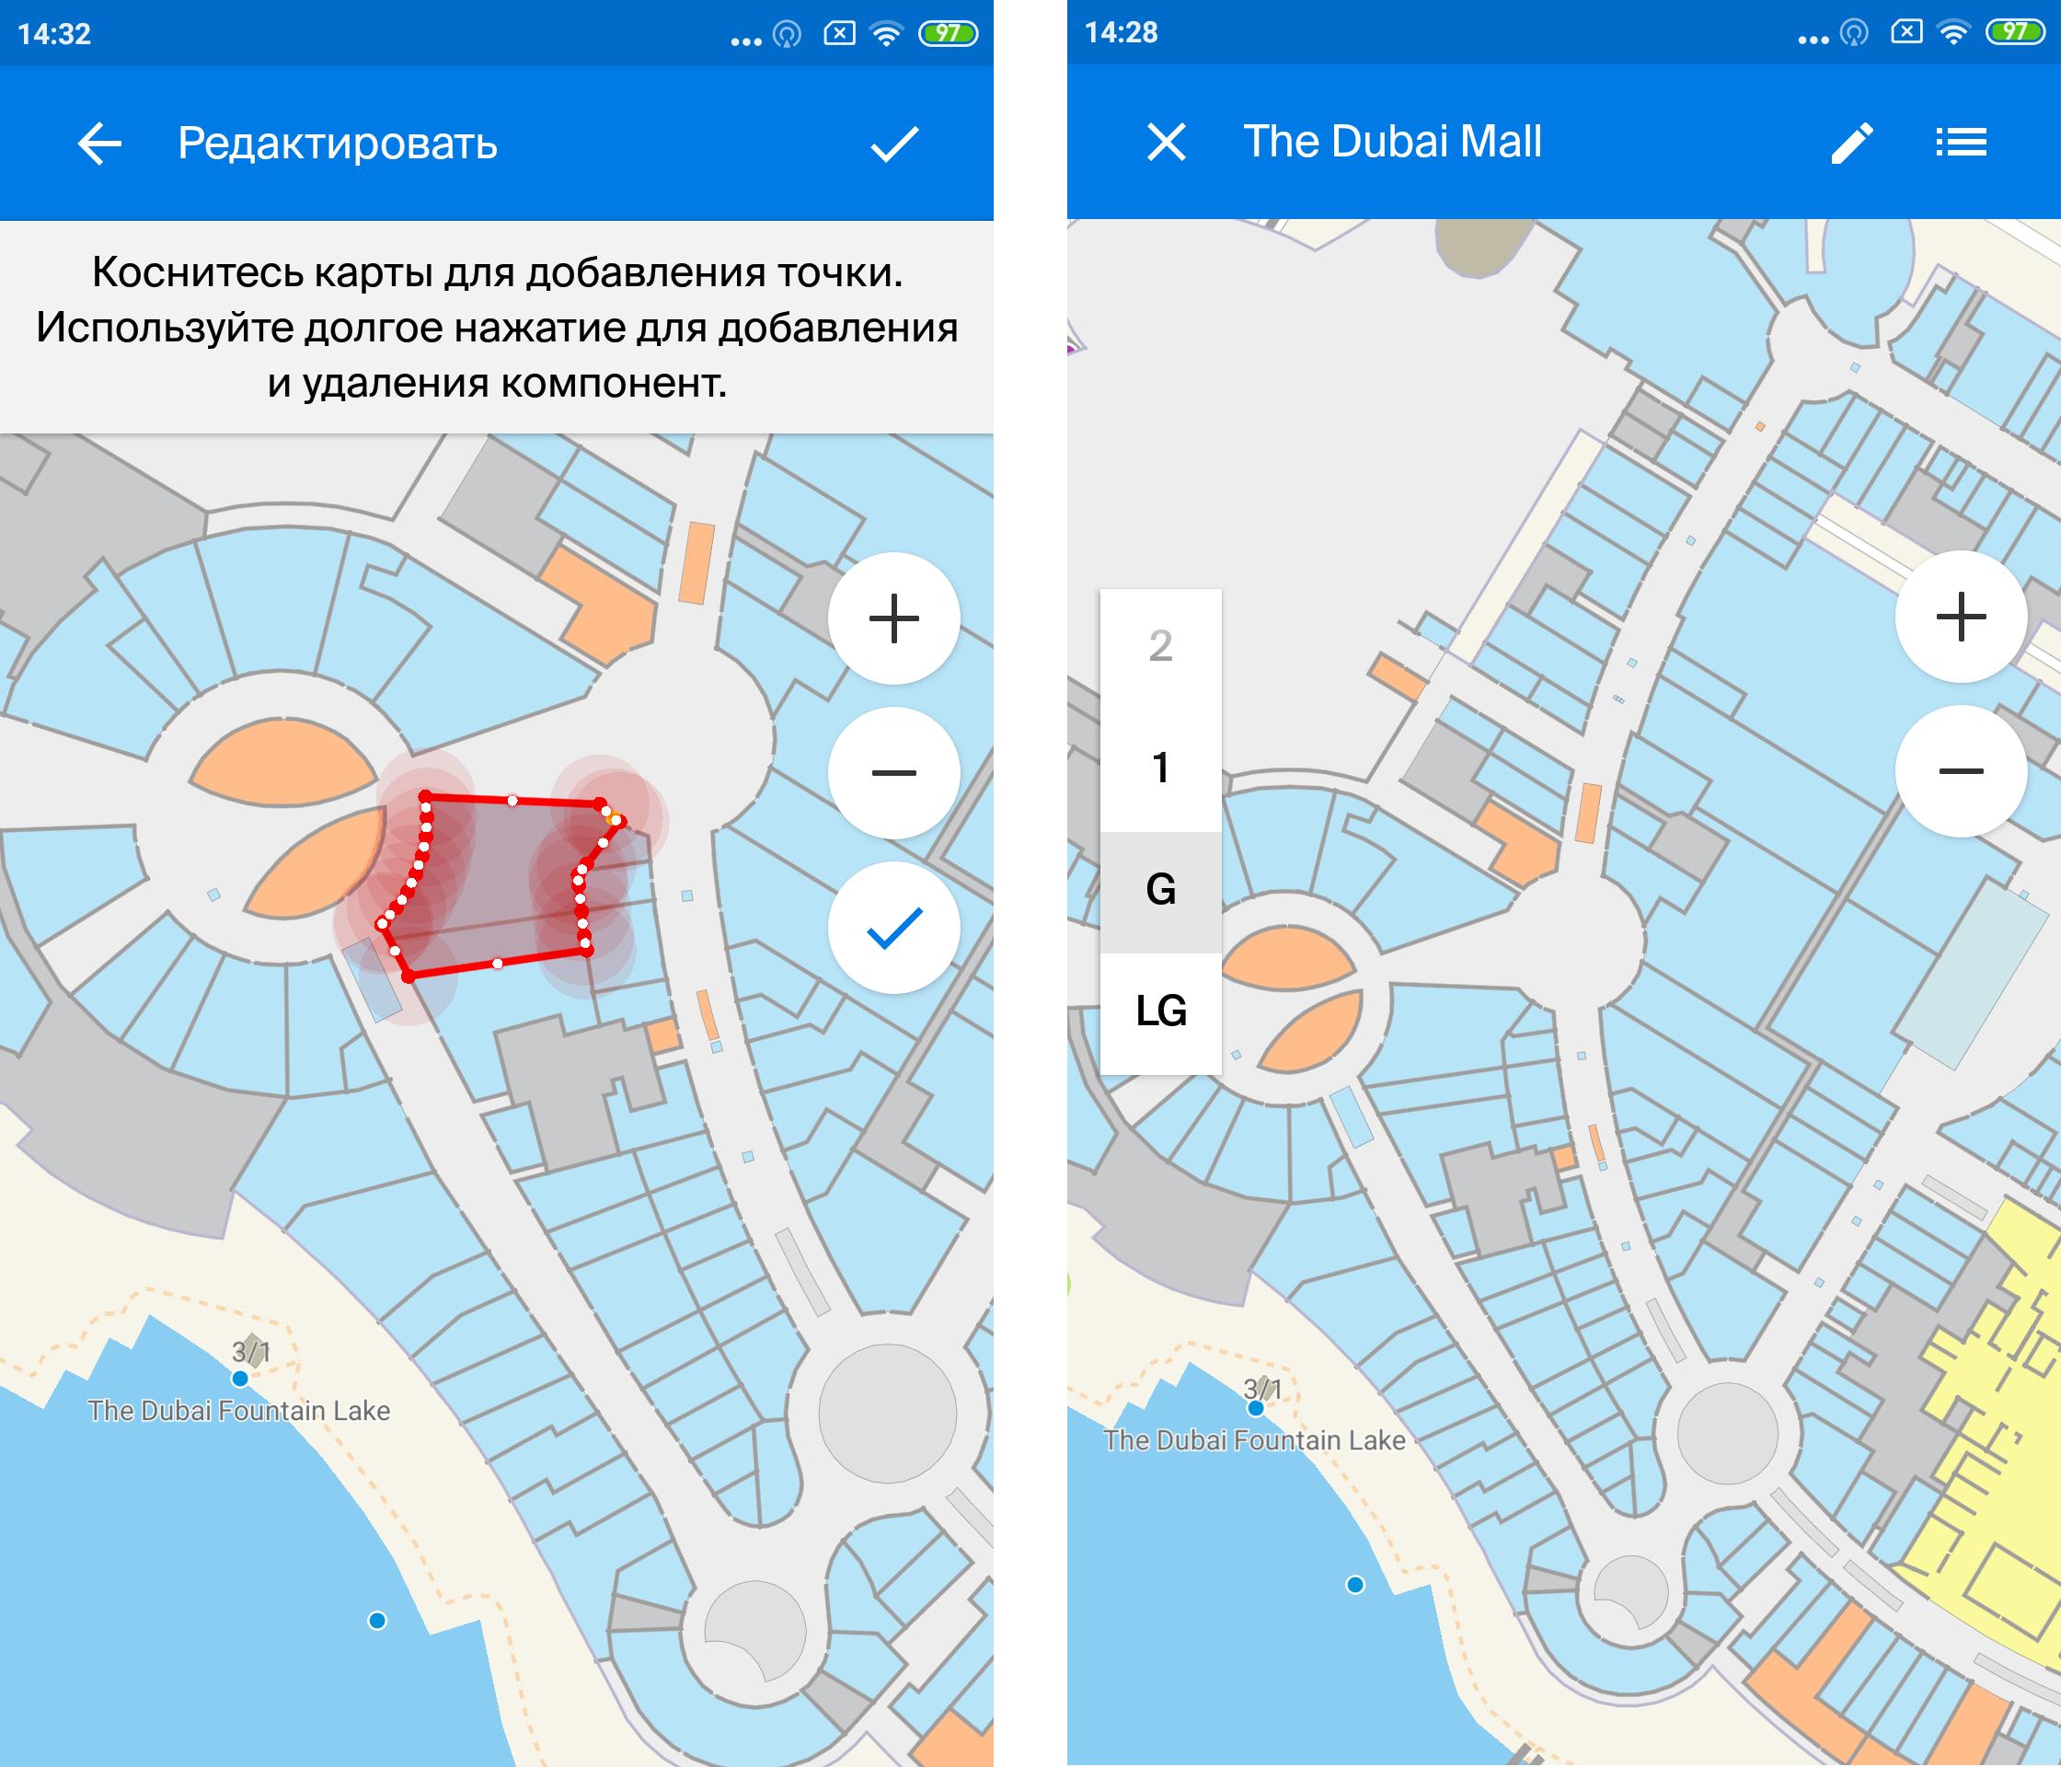 Дубай Молл в смартфоне, или как добавить поэтажный план здания в своё приложение - 5